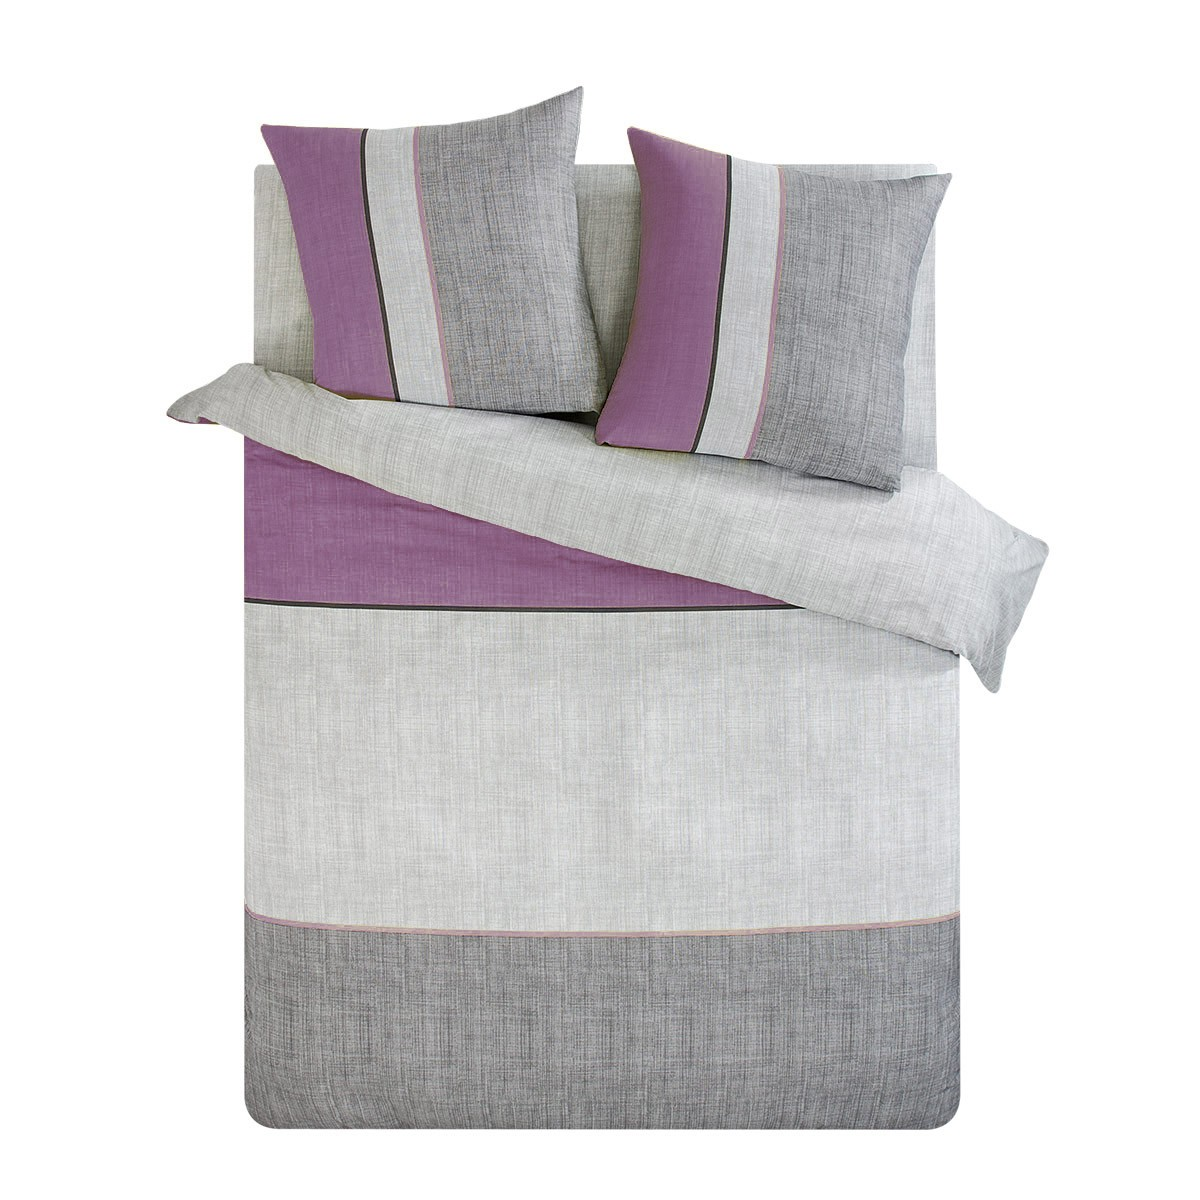 parure housse couette violet achat pas cher avec kibodio. Black Bedroom Furniture Sets. Home Design Ideas